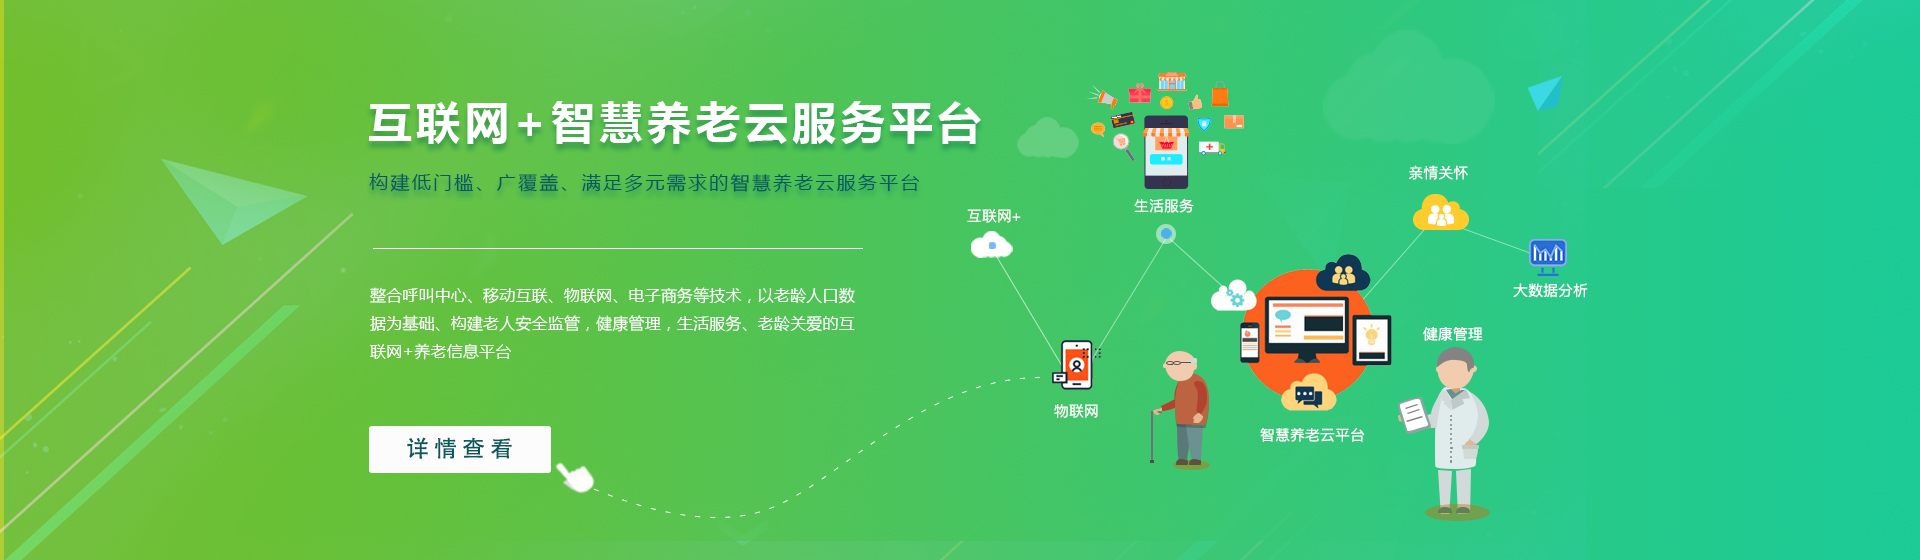 12345政务bwin手机版app